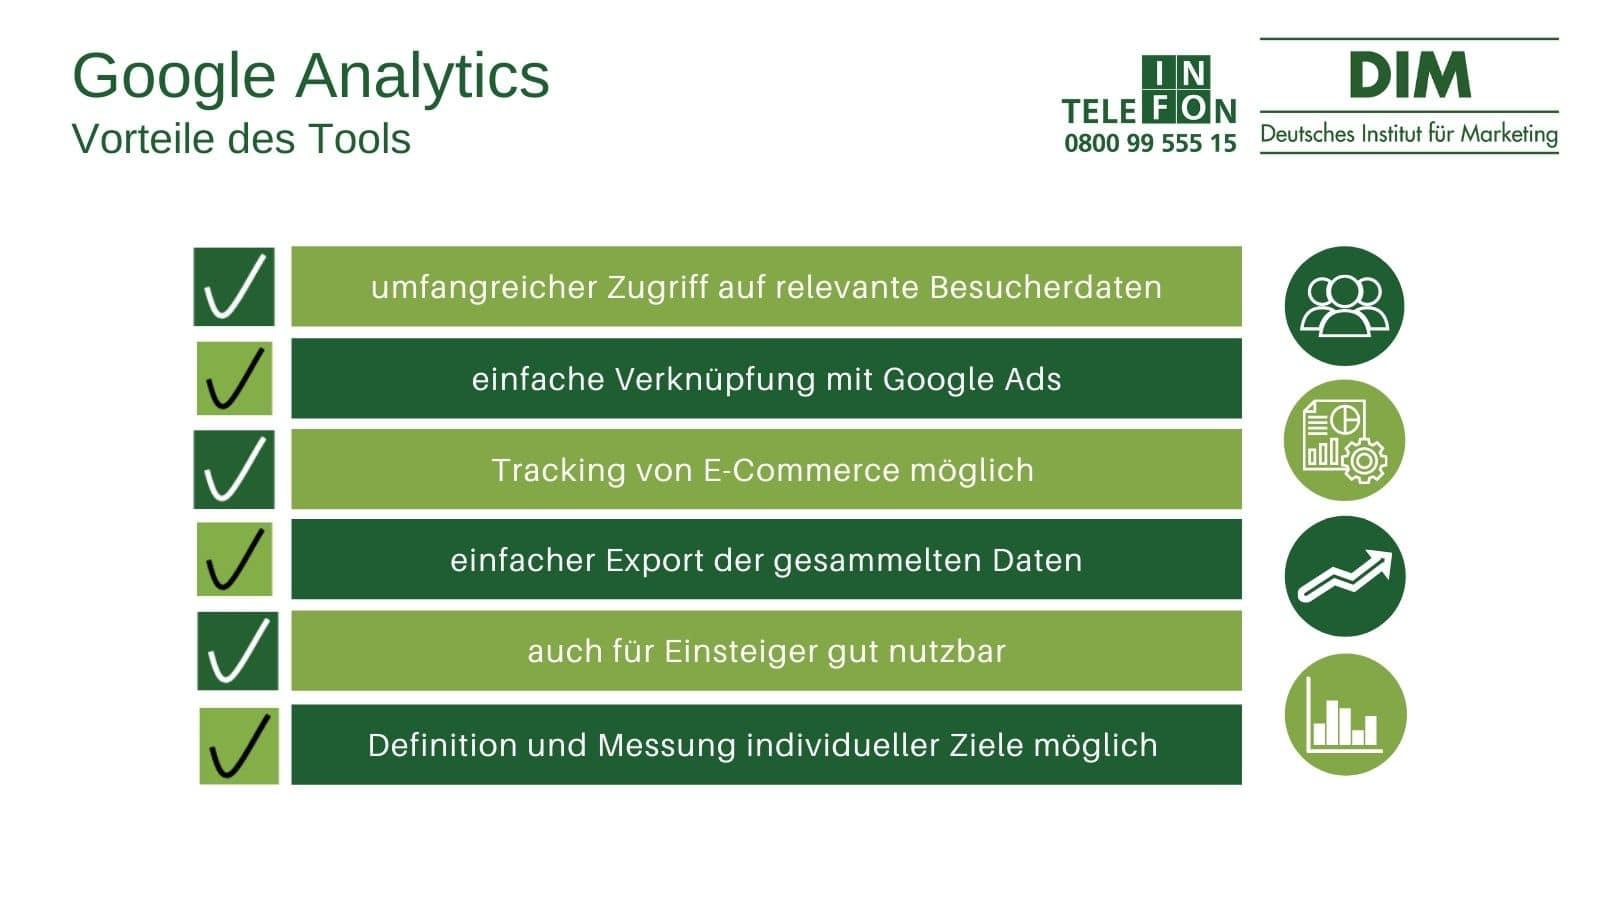 Google Analytics Vorteile